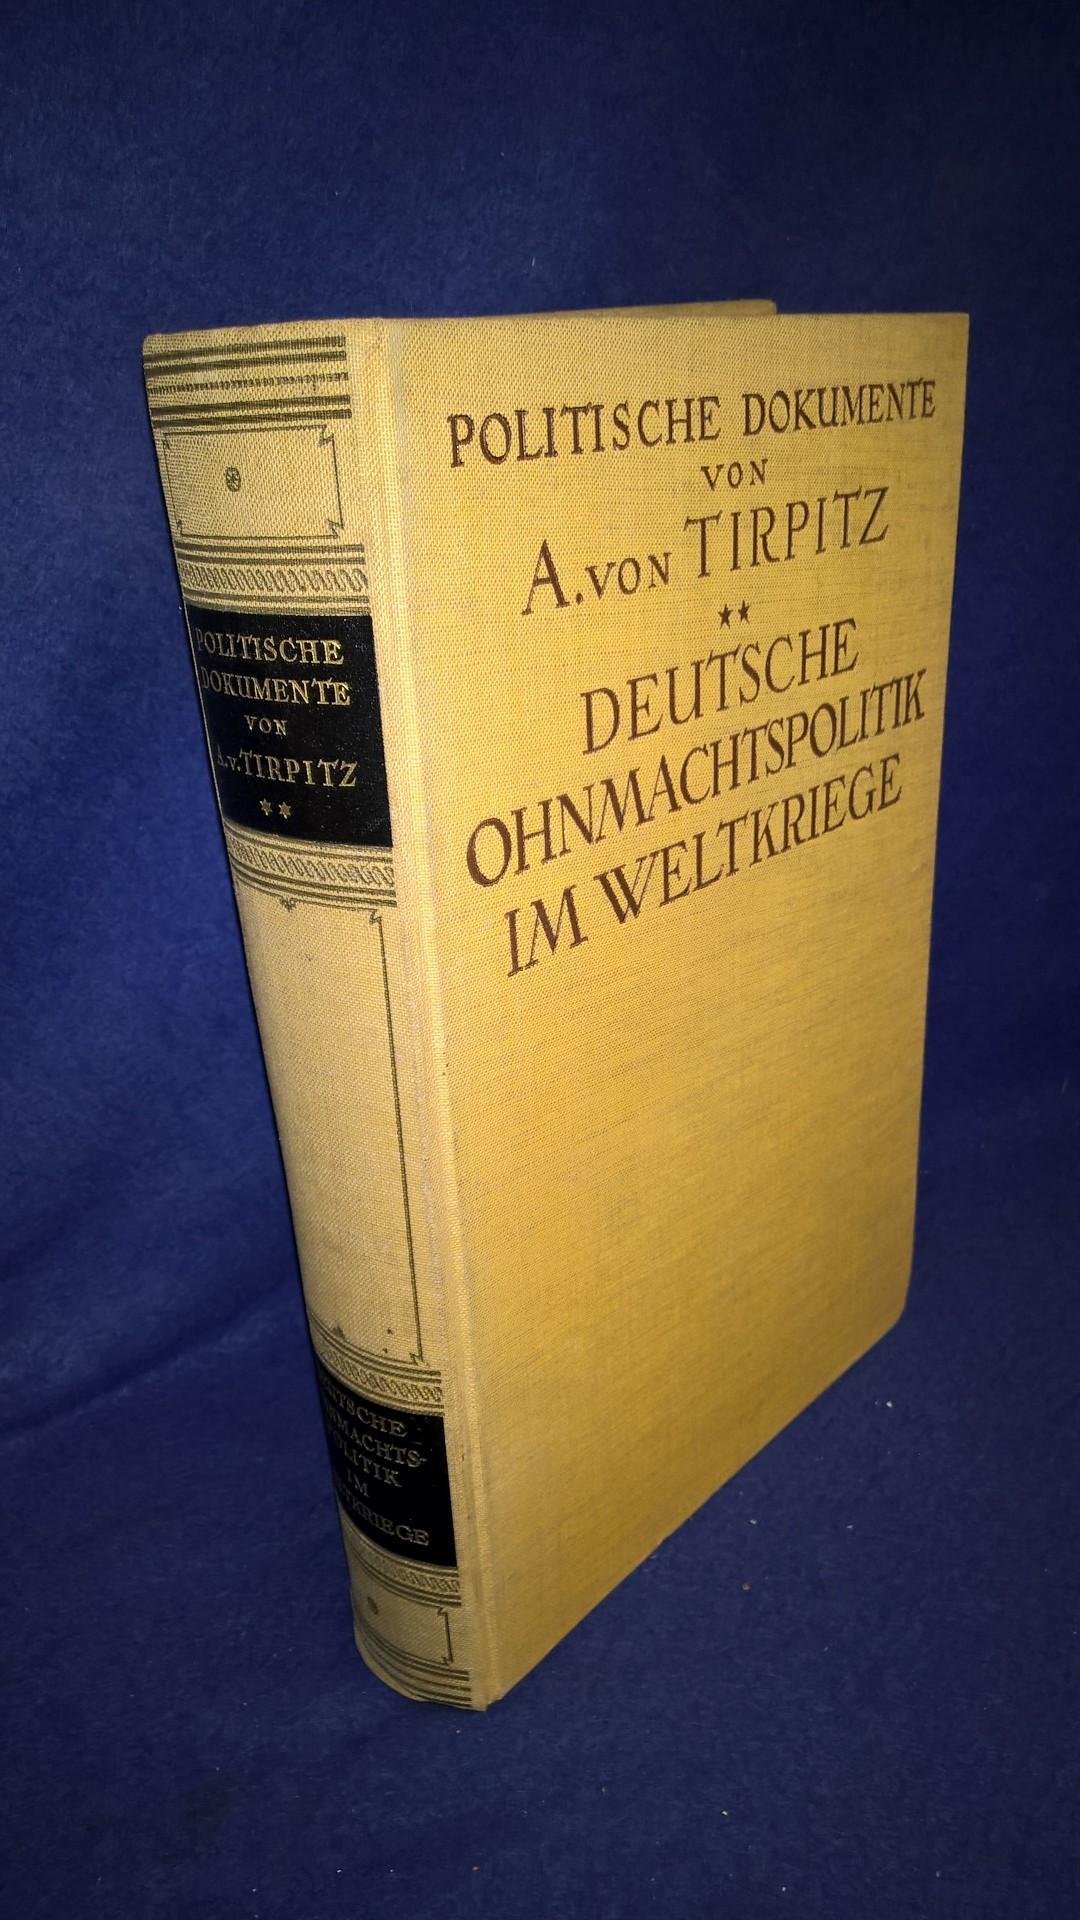 Politische Dokumente. Deutsche Ohnmachtspolitik im Weltkriege.